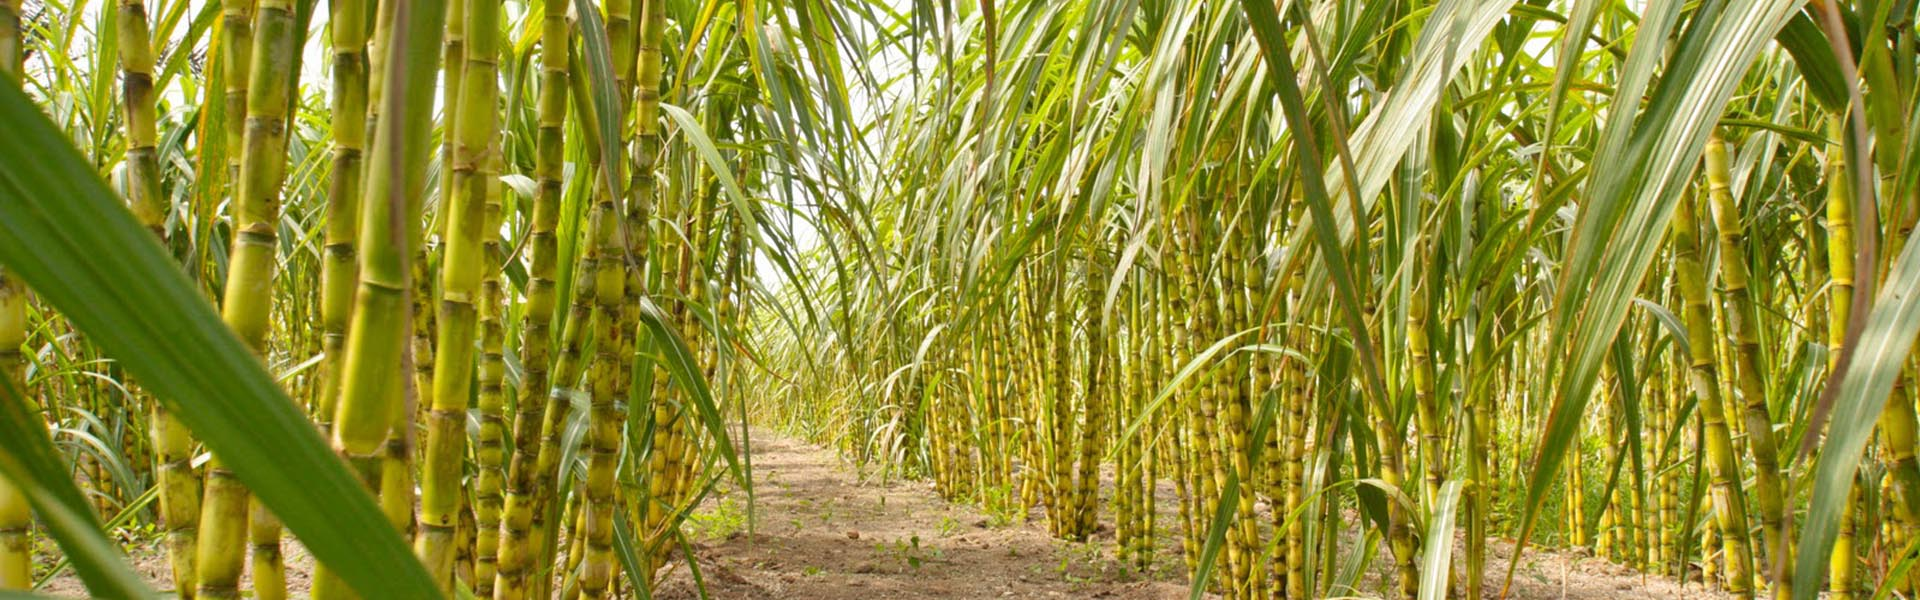 Sugar-Cane-Crop